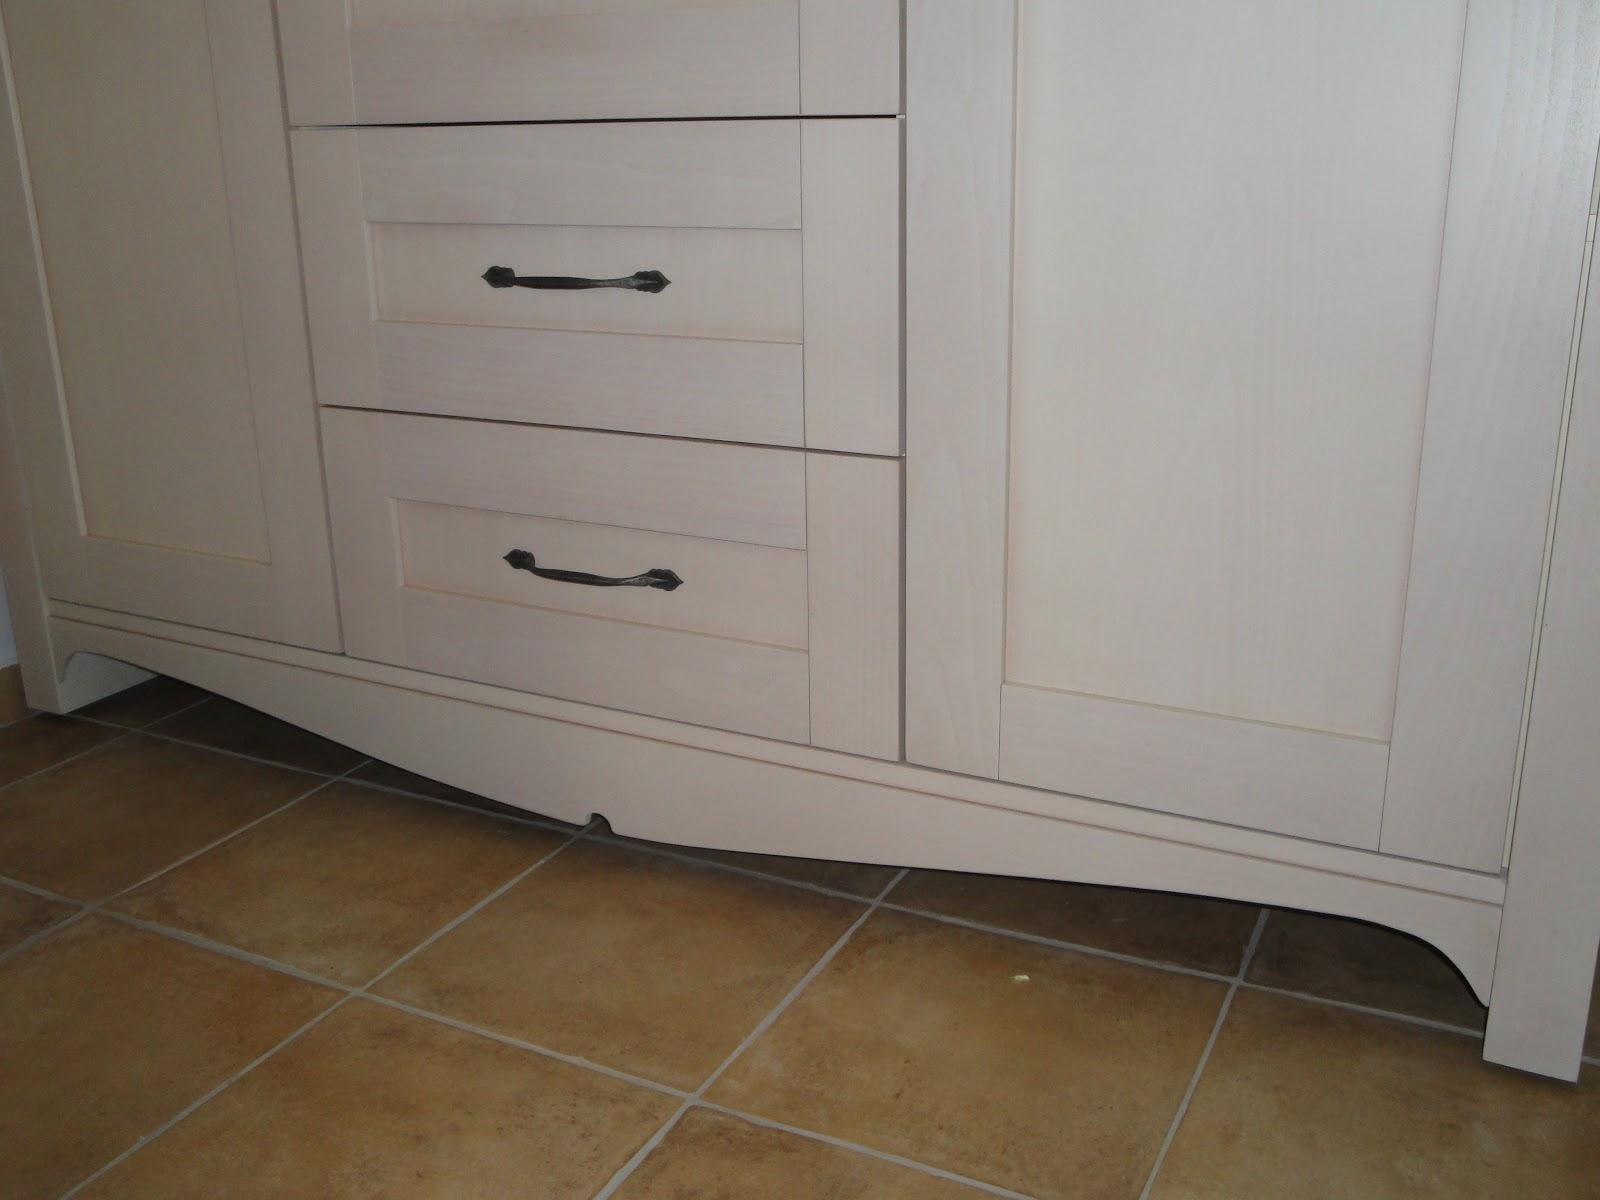 (Κωδ 4012) Λεπτομέρεια εργασίας στο κάτω μέρος της ντουλάπας.